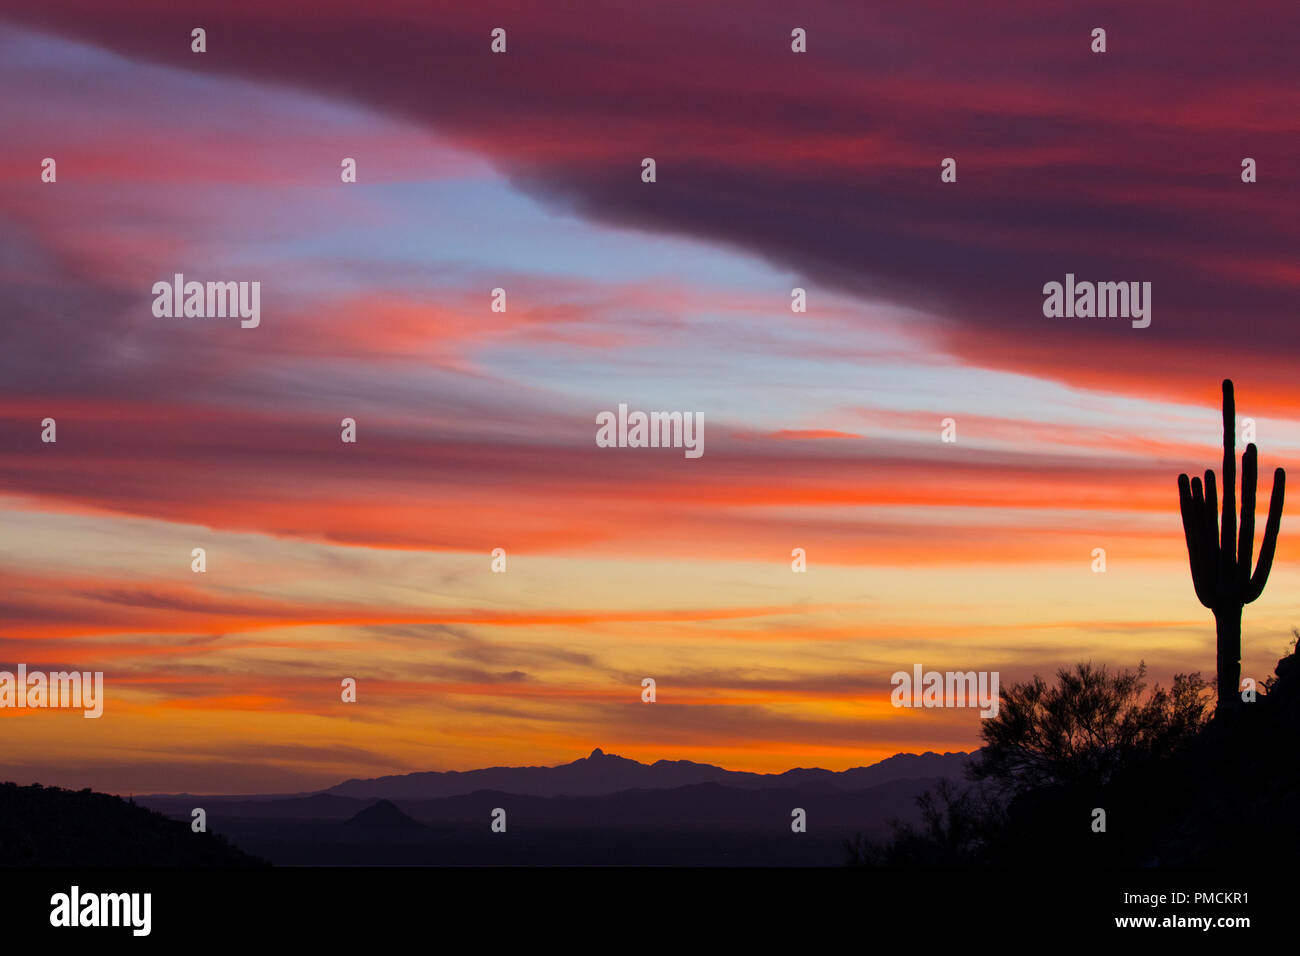 Sagauro Kaktus gegen Sonnenuntergang Himmel. Arizona. Stockfoto